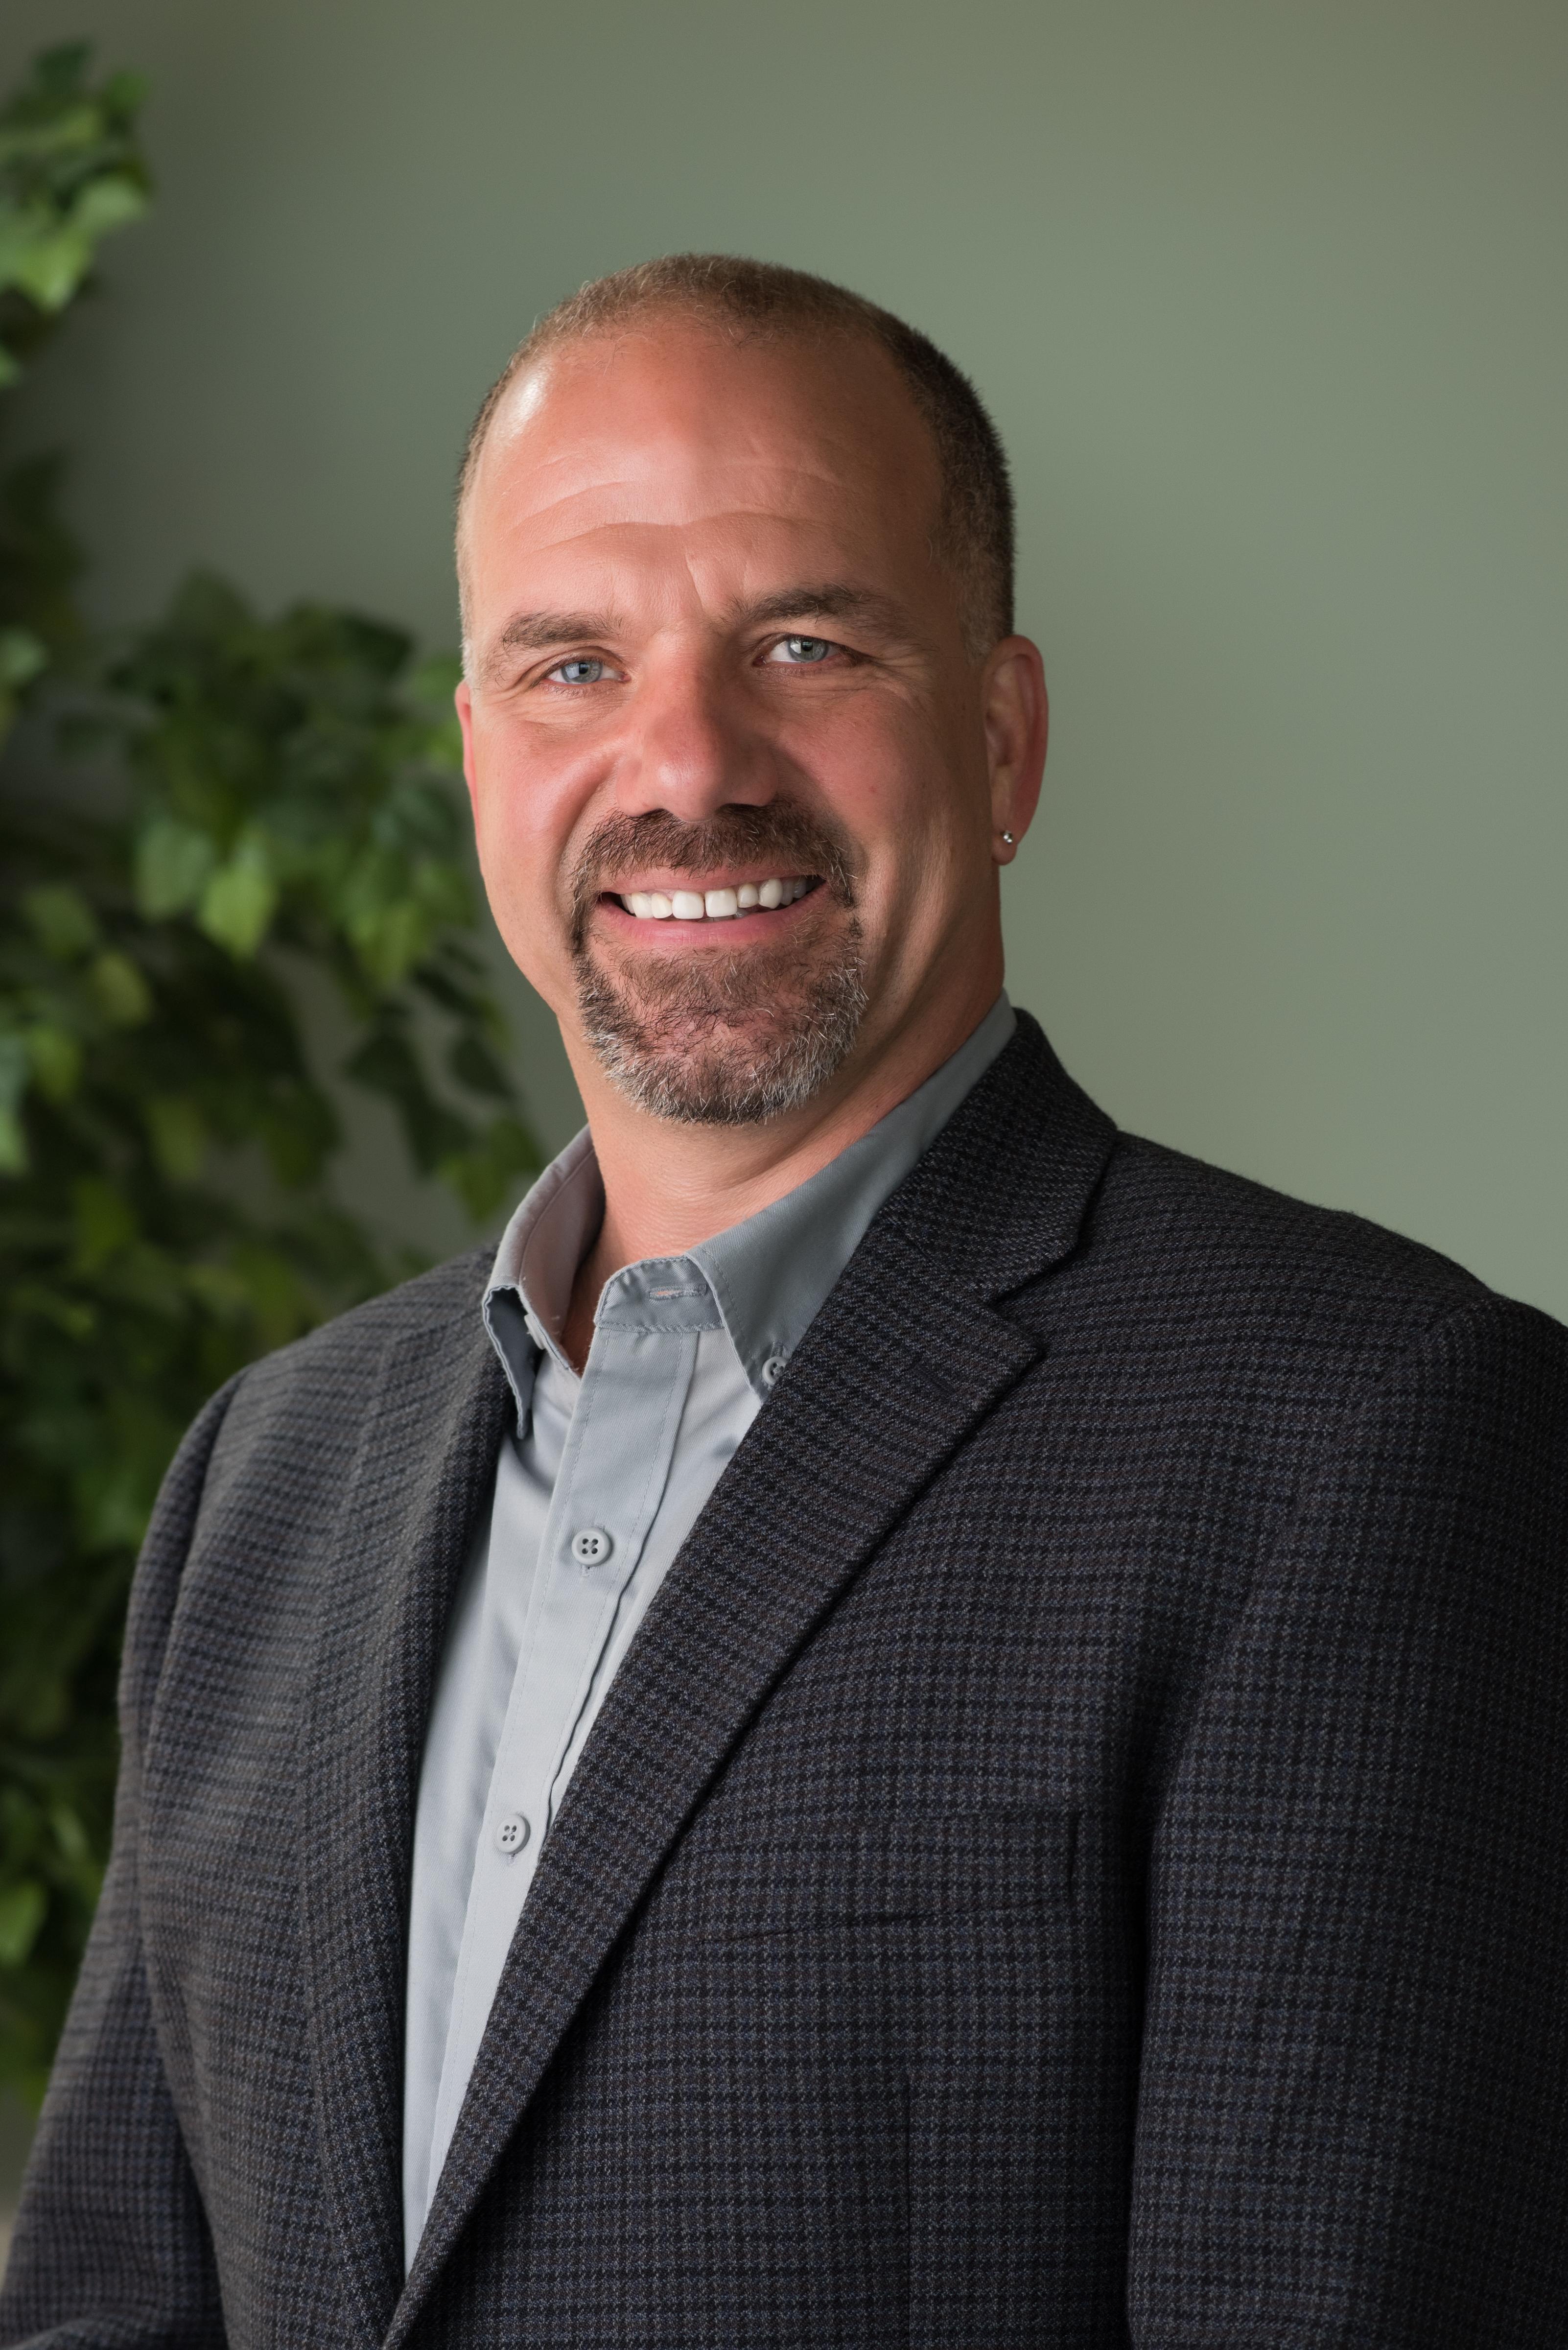 Greg Bowers